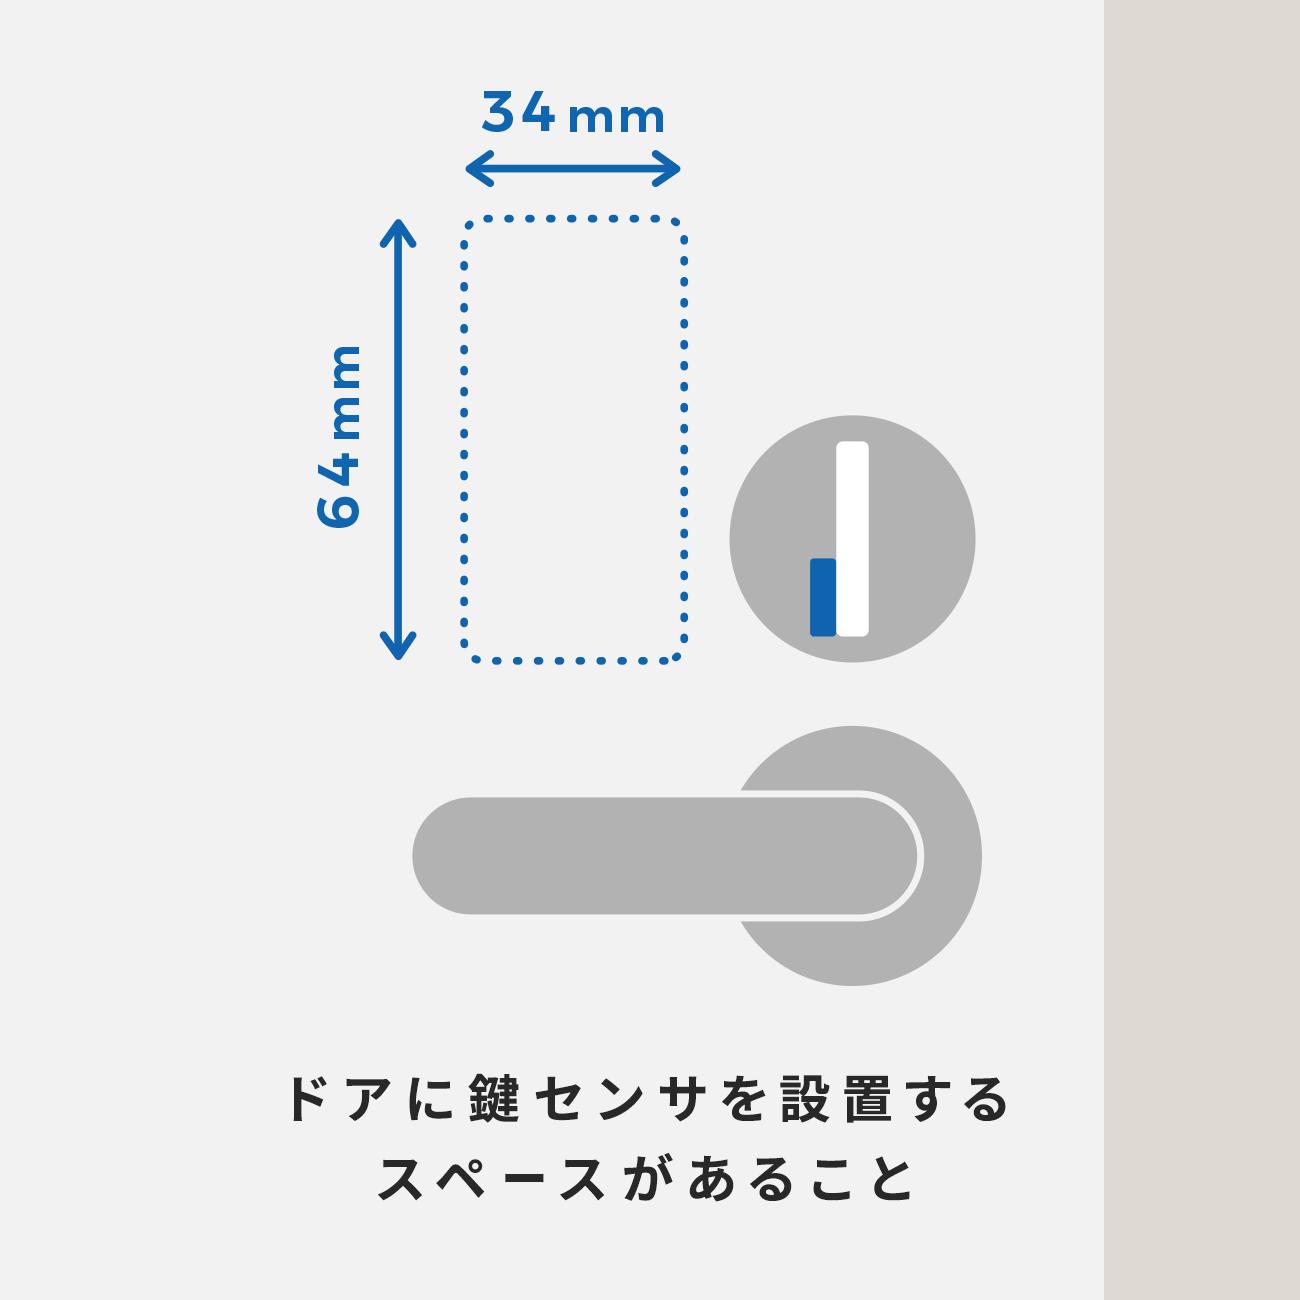 ドアに「鍵センサ」を設置するスペースがあること。 (「鍵センサ」は付属の両面テープでドアに貼りつけて使用します。)